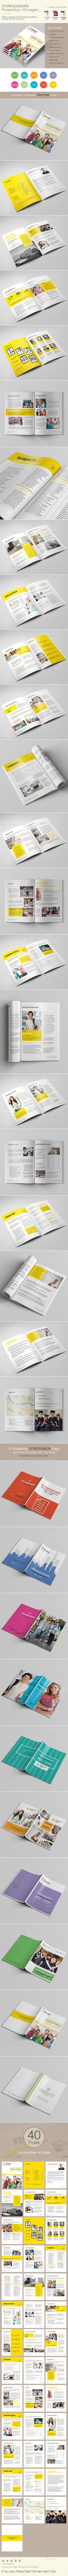 Undergraduate Prospectus Template InDesign INDD #design Download: http://graphicriver.net/item/undergraduate-prospectus/14247314?ref=ksioks